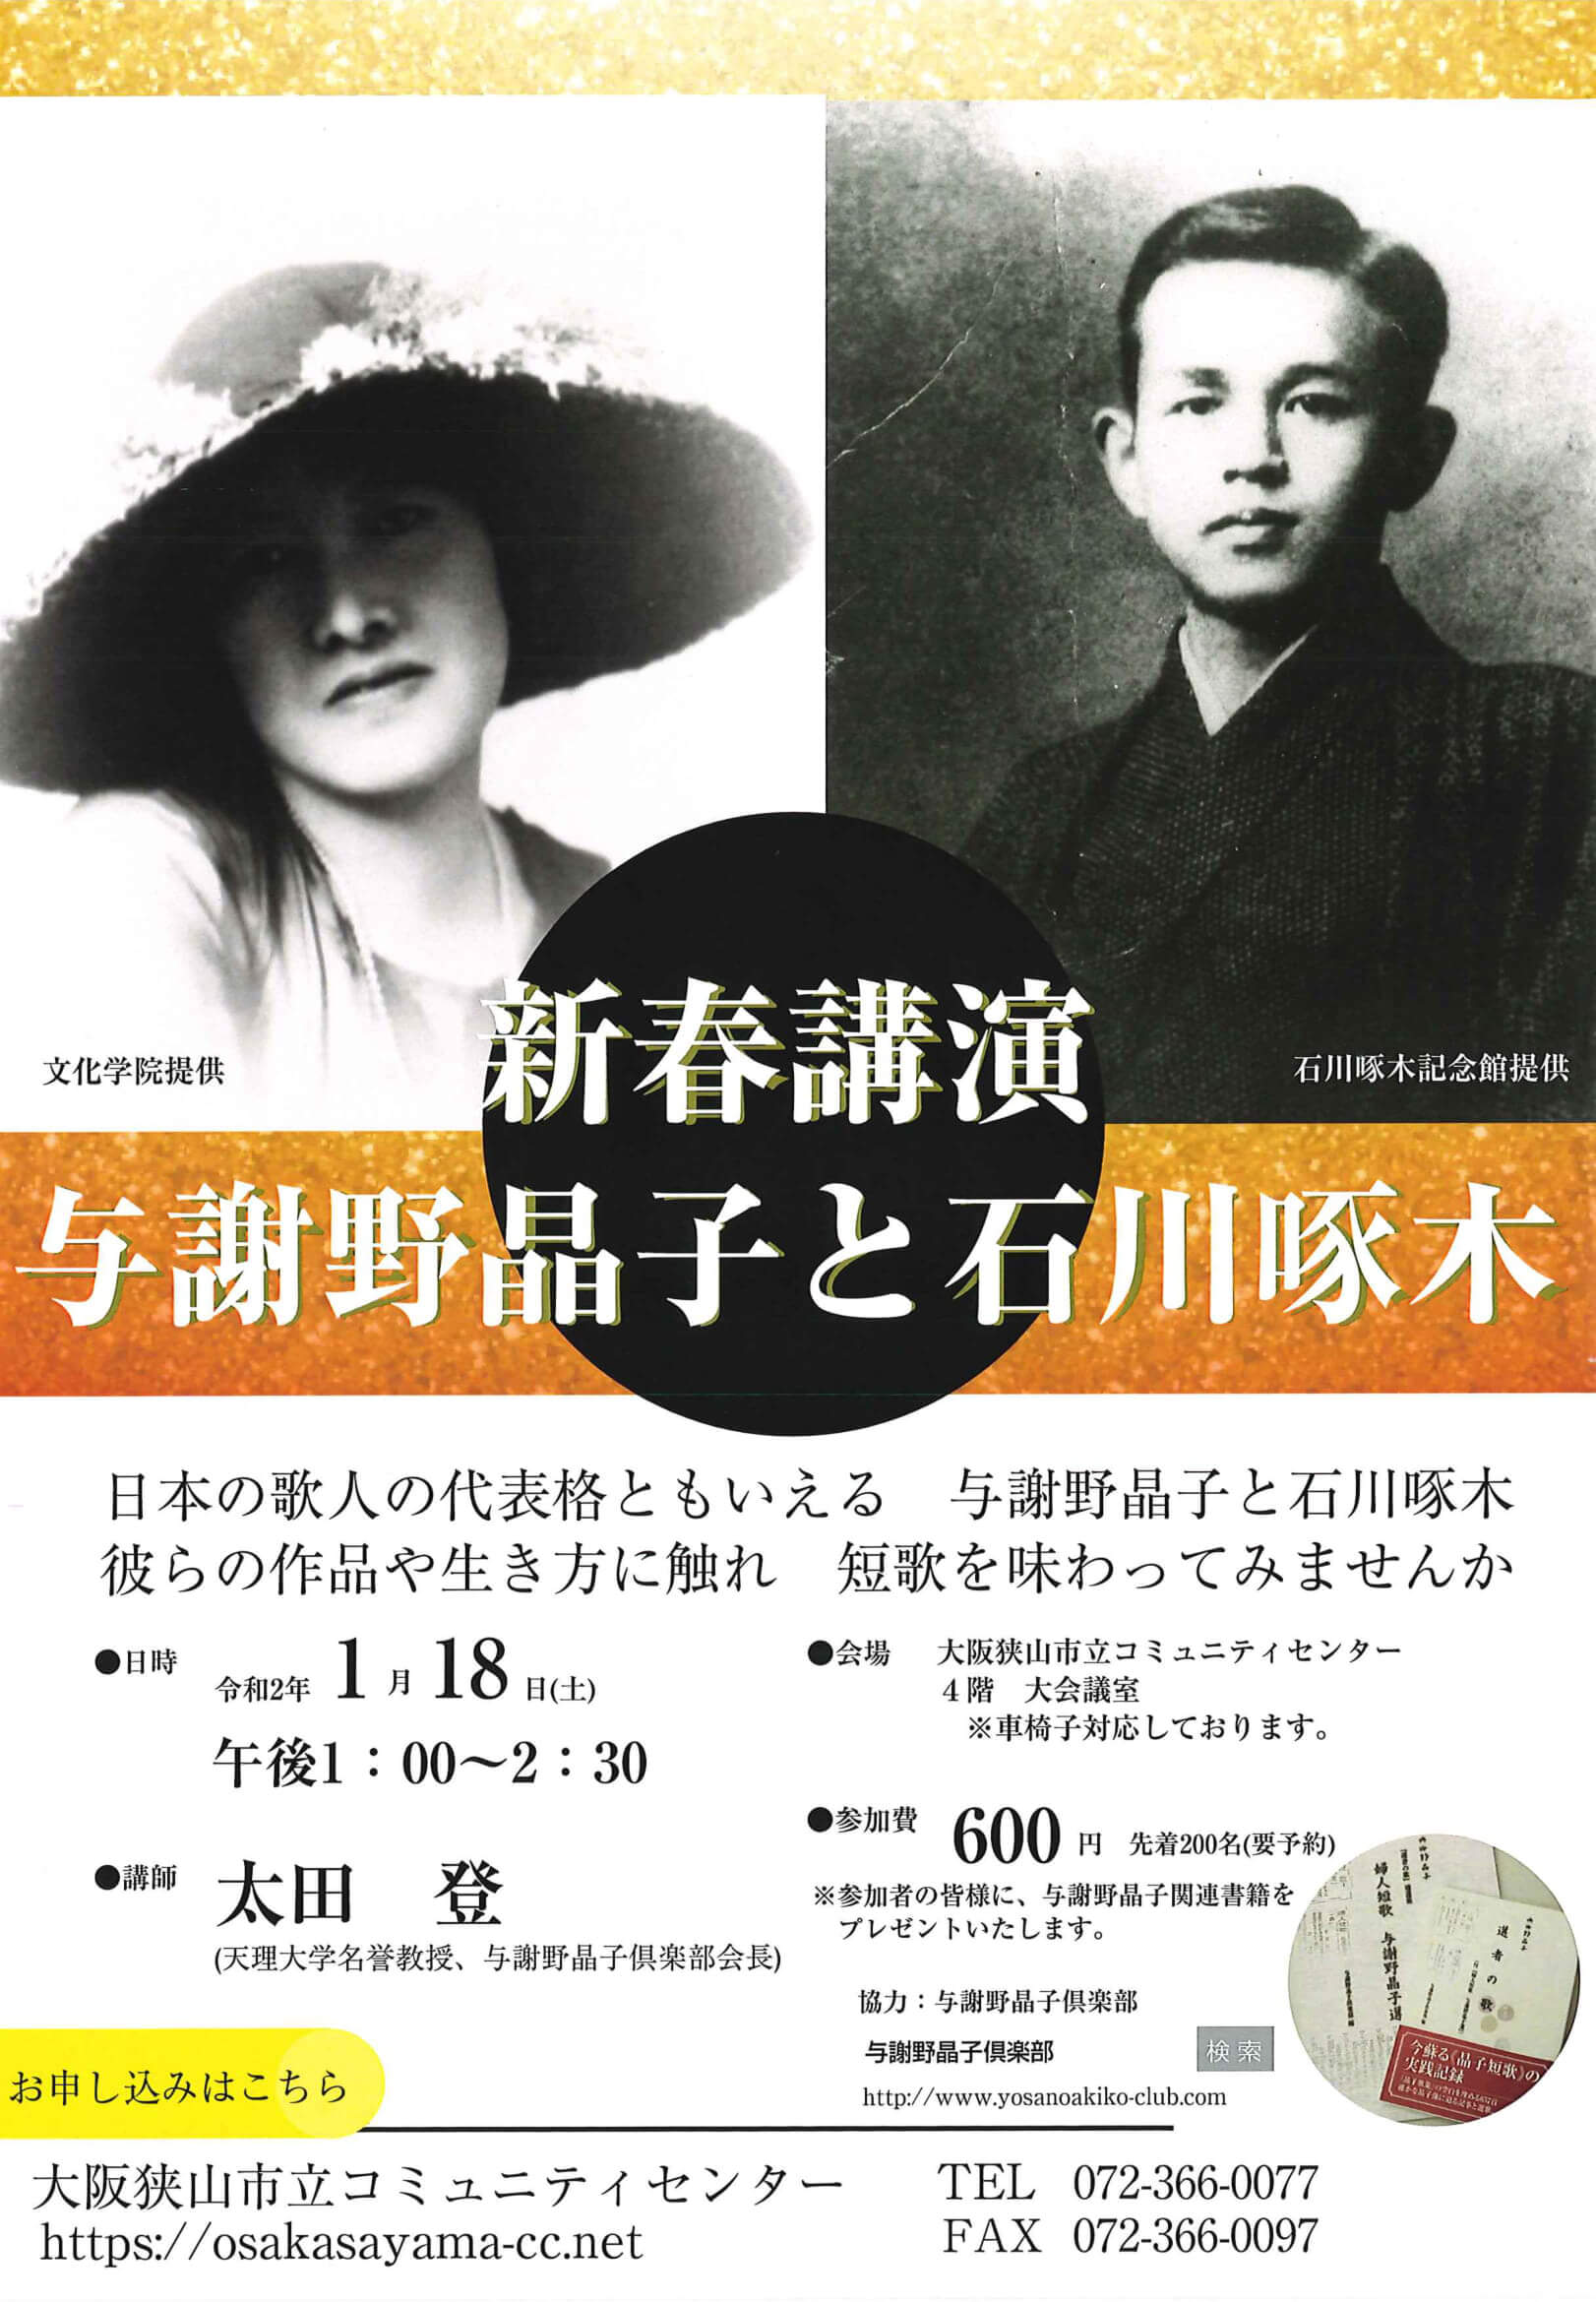 新春講演「与謝野晶子と石川啄木」